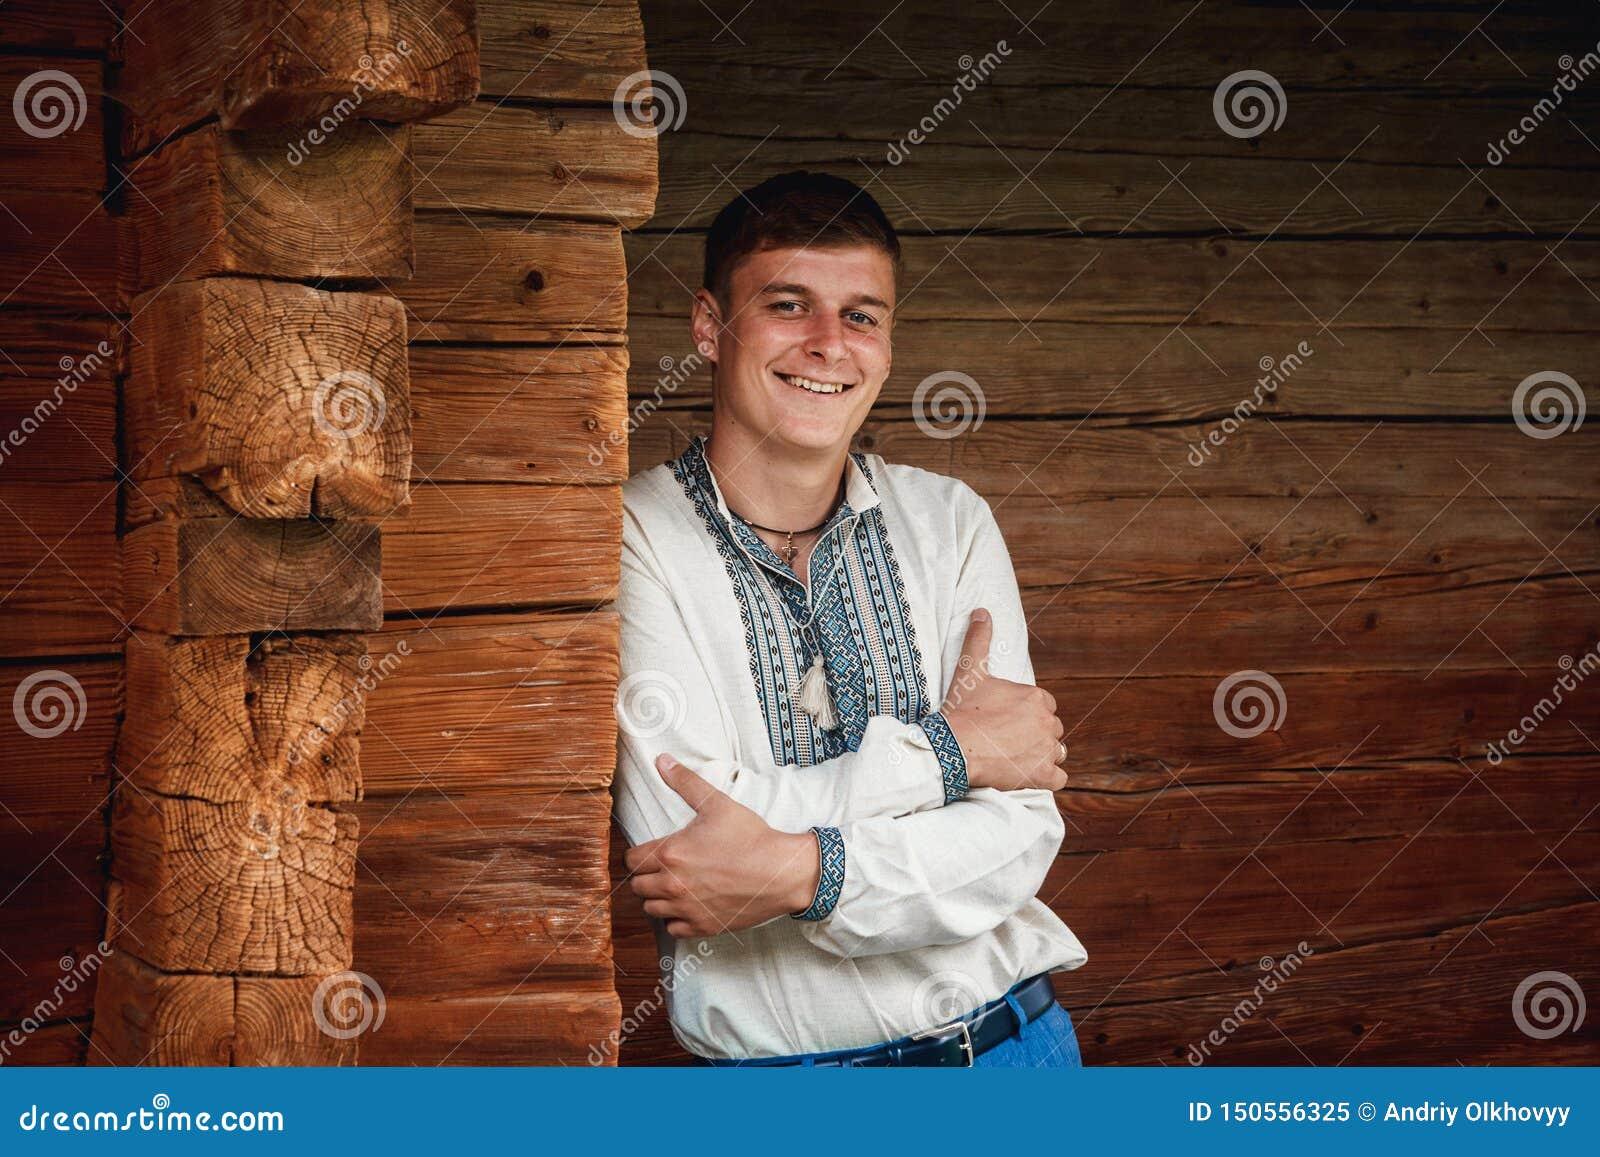 Красивый молодой парень в вышитой рубашке на предпосылке деревянного дома